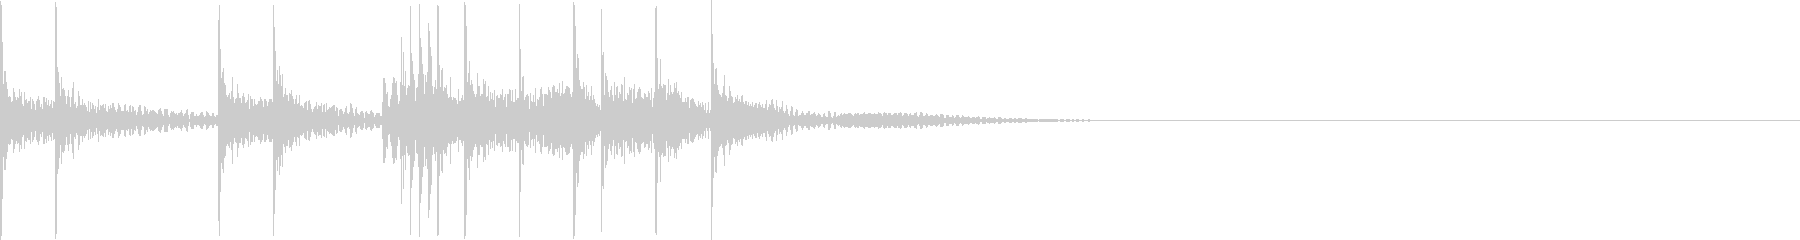 マーチング・ドラムロール/パーツ/D-1の未再生の波形